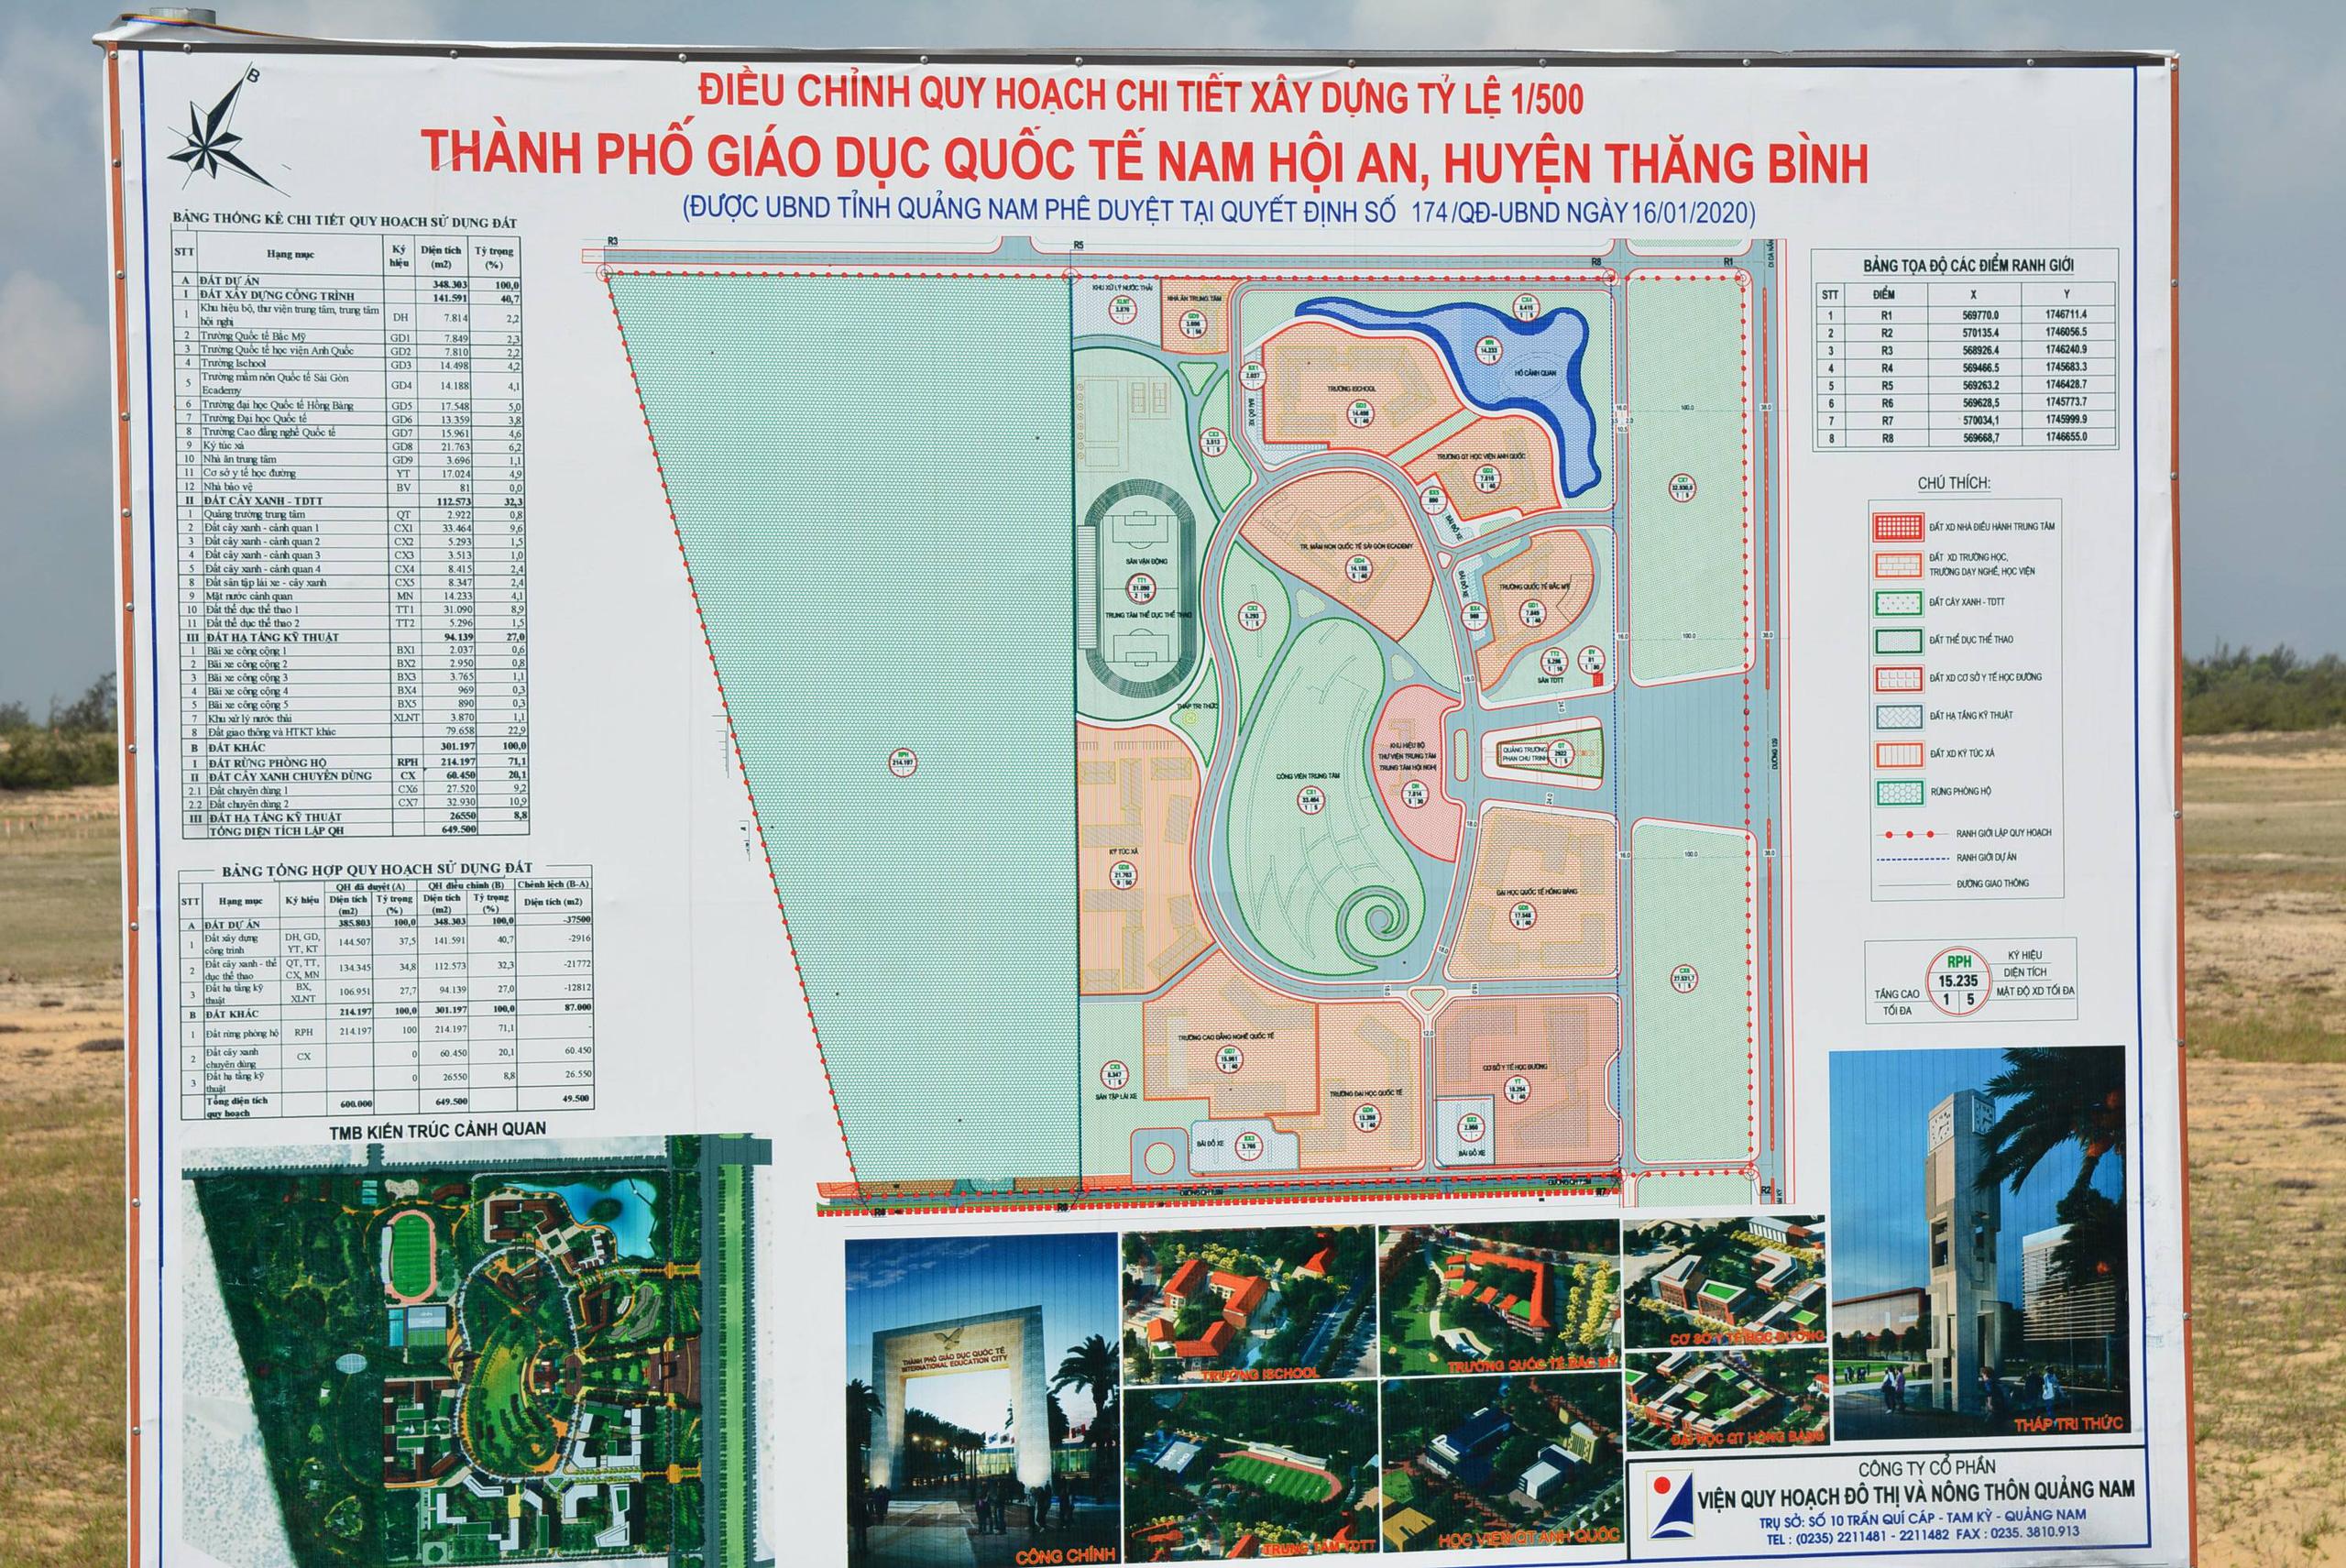 Con đường ở Quảng Nam có nhiều dự án du lịch, bất động sản nghìn tỷ đồng - Ảnh 7.